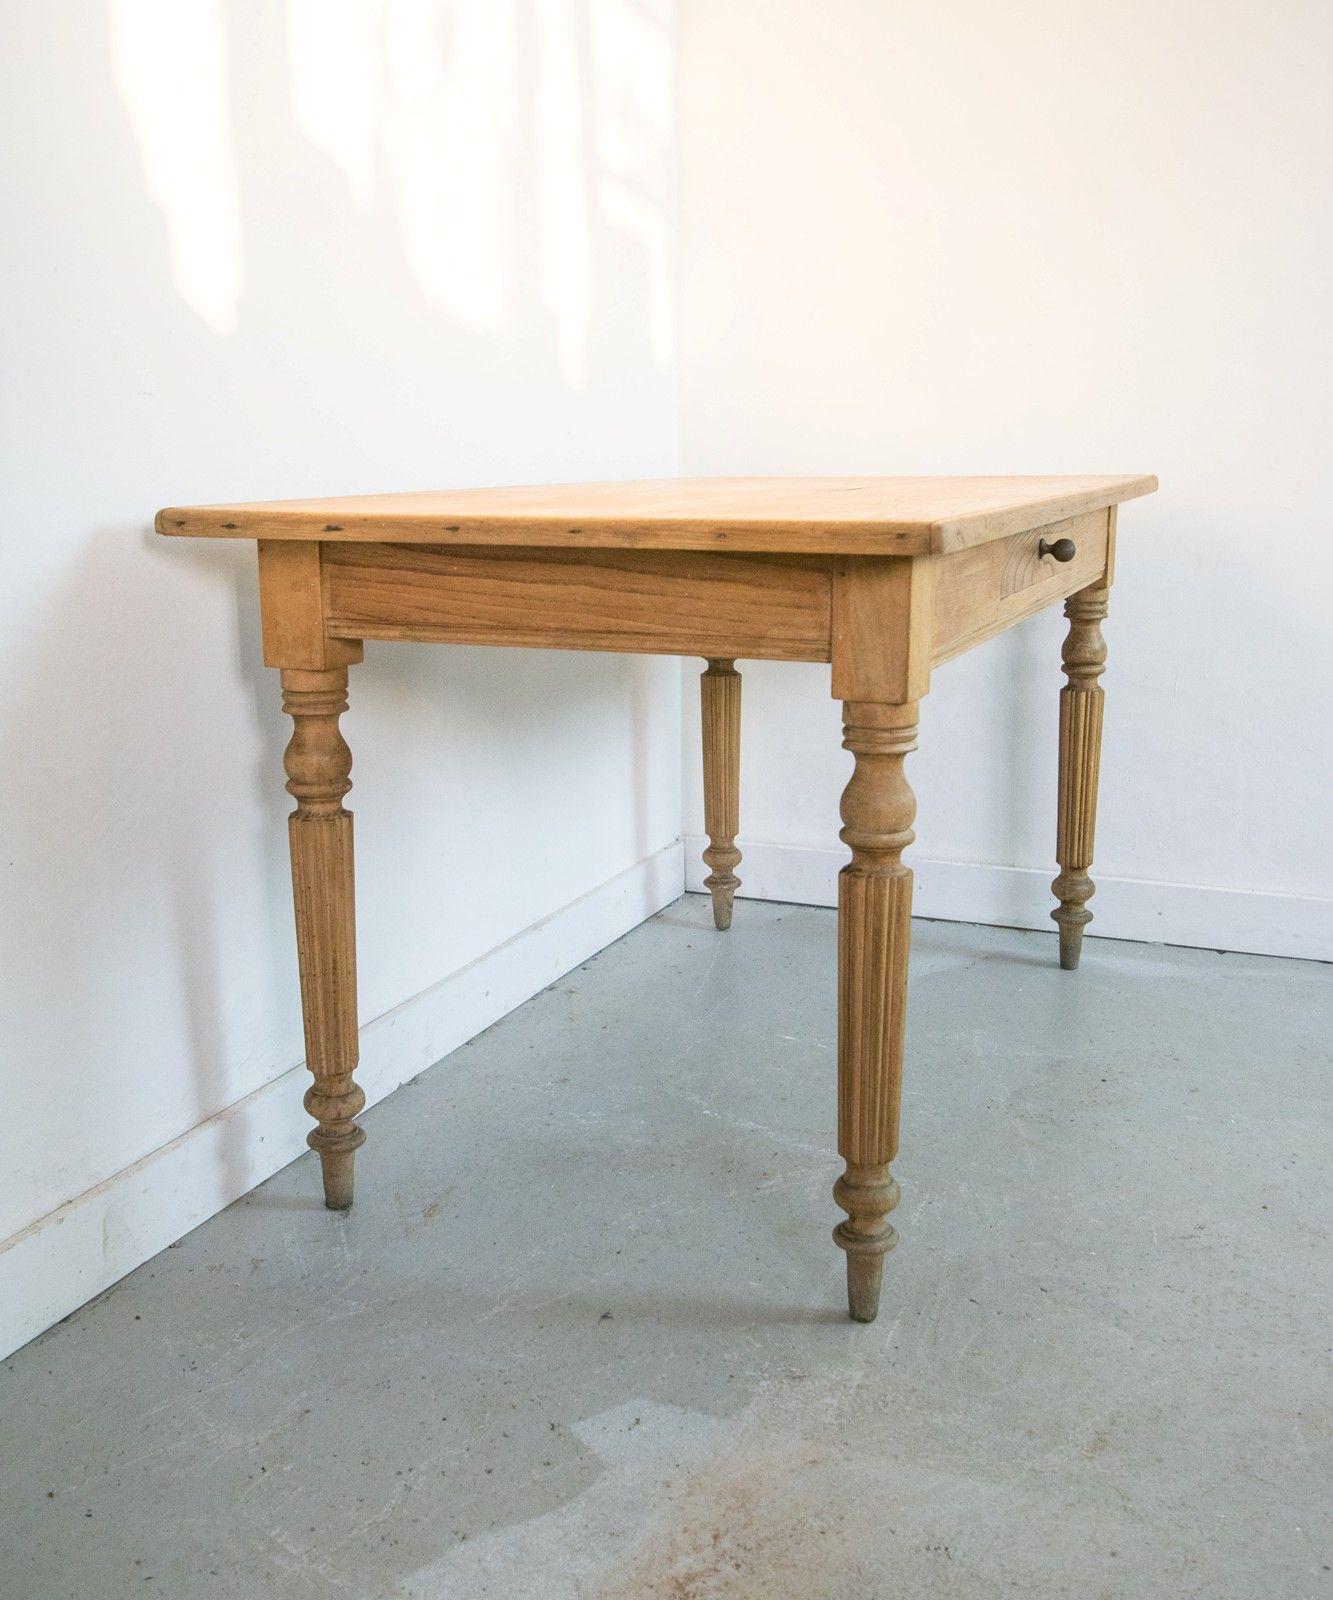 Small Pine Table Or Desk Vintage France Design Pine Table Desk